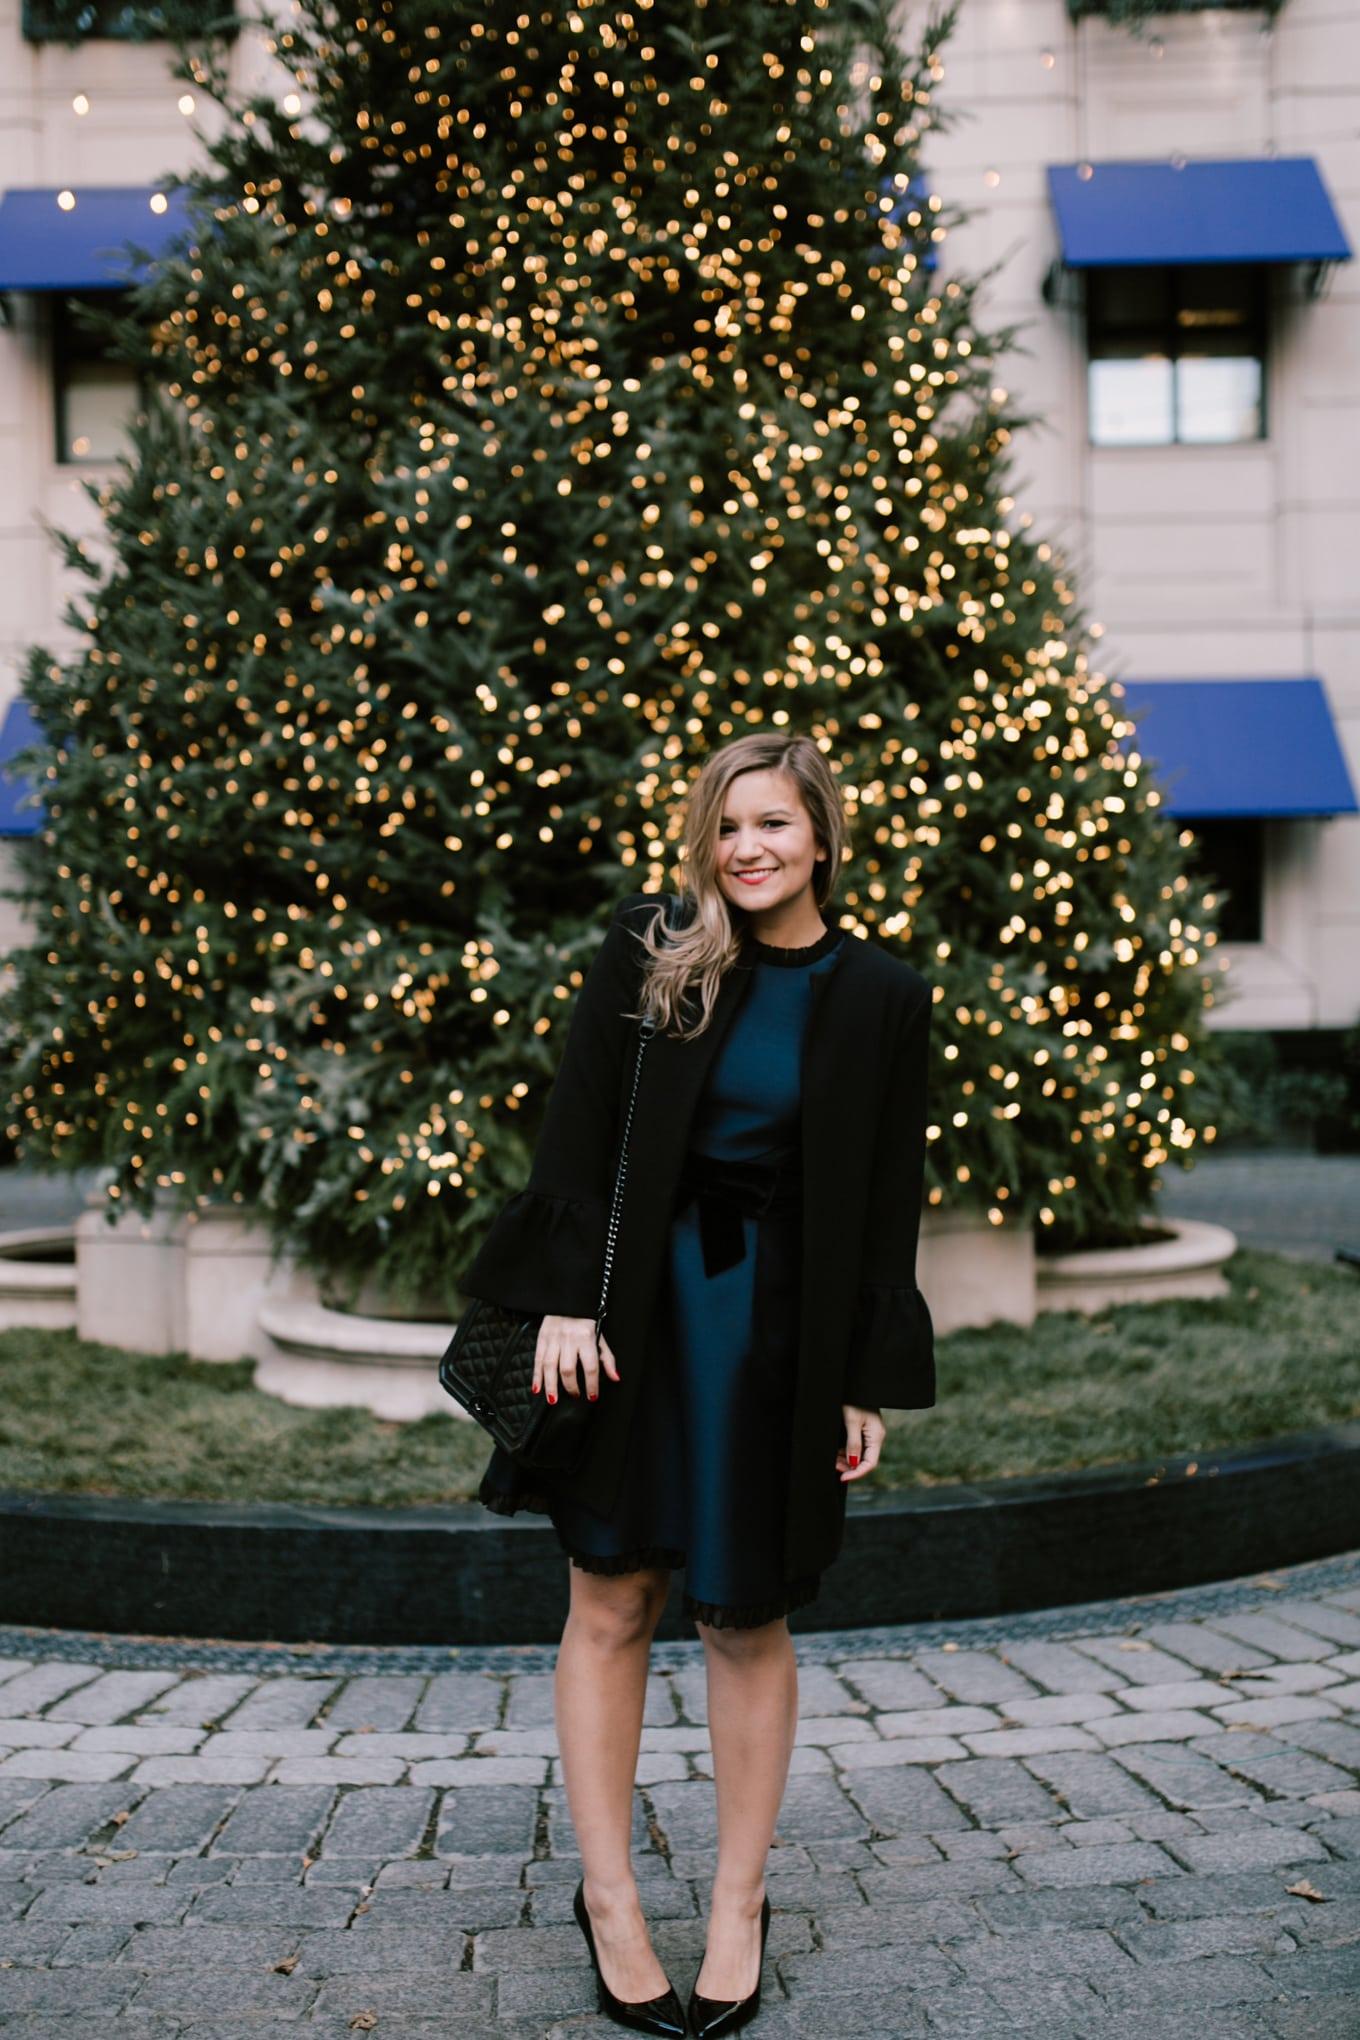 Christmas dress Kate Spade velvet bow dress